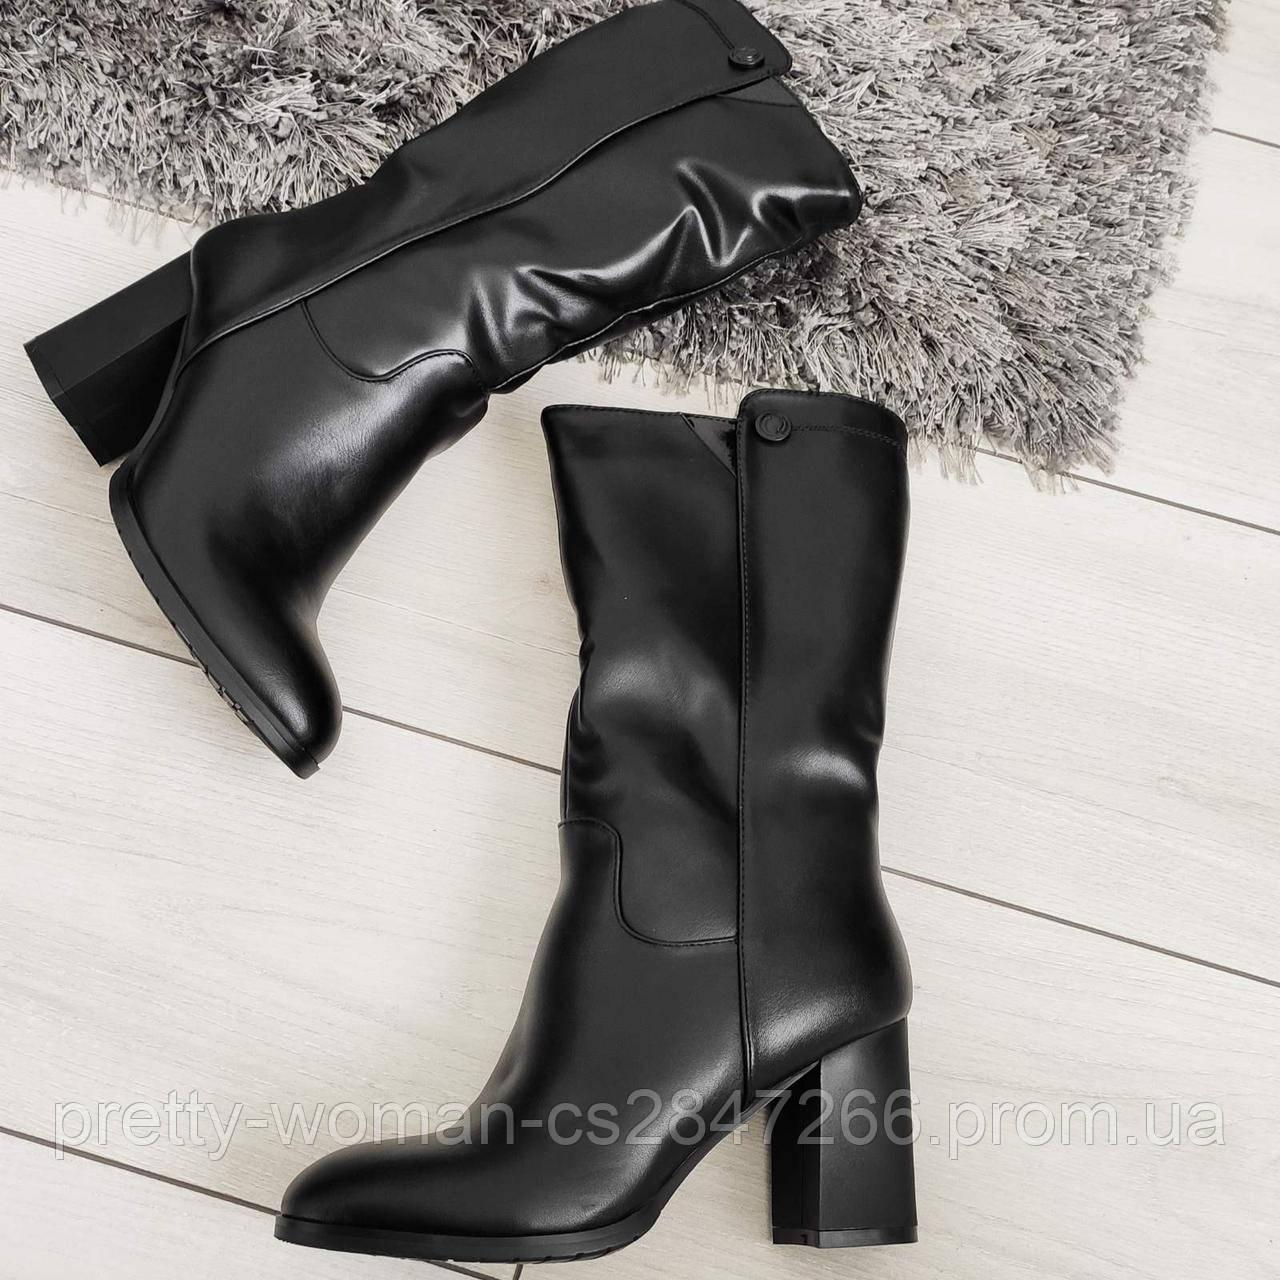 Напівчоботи жіночі зимові екошкіра на каблуку чорні